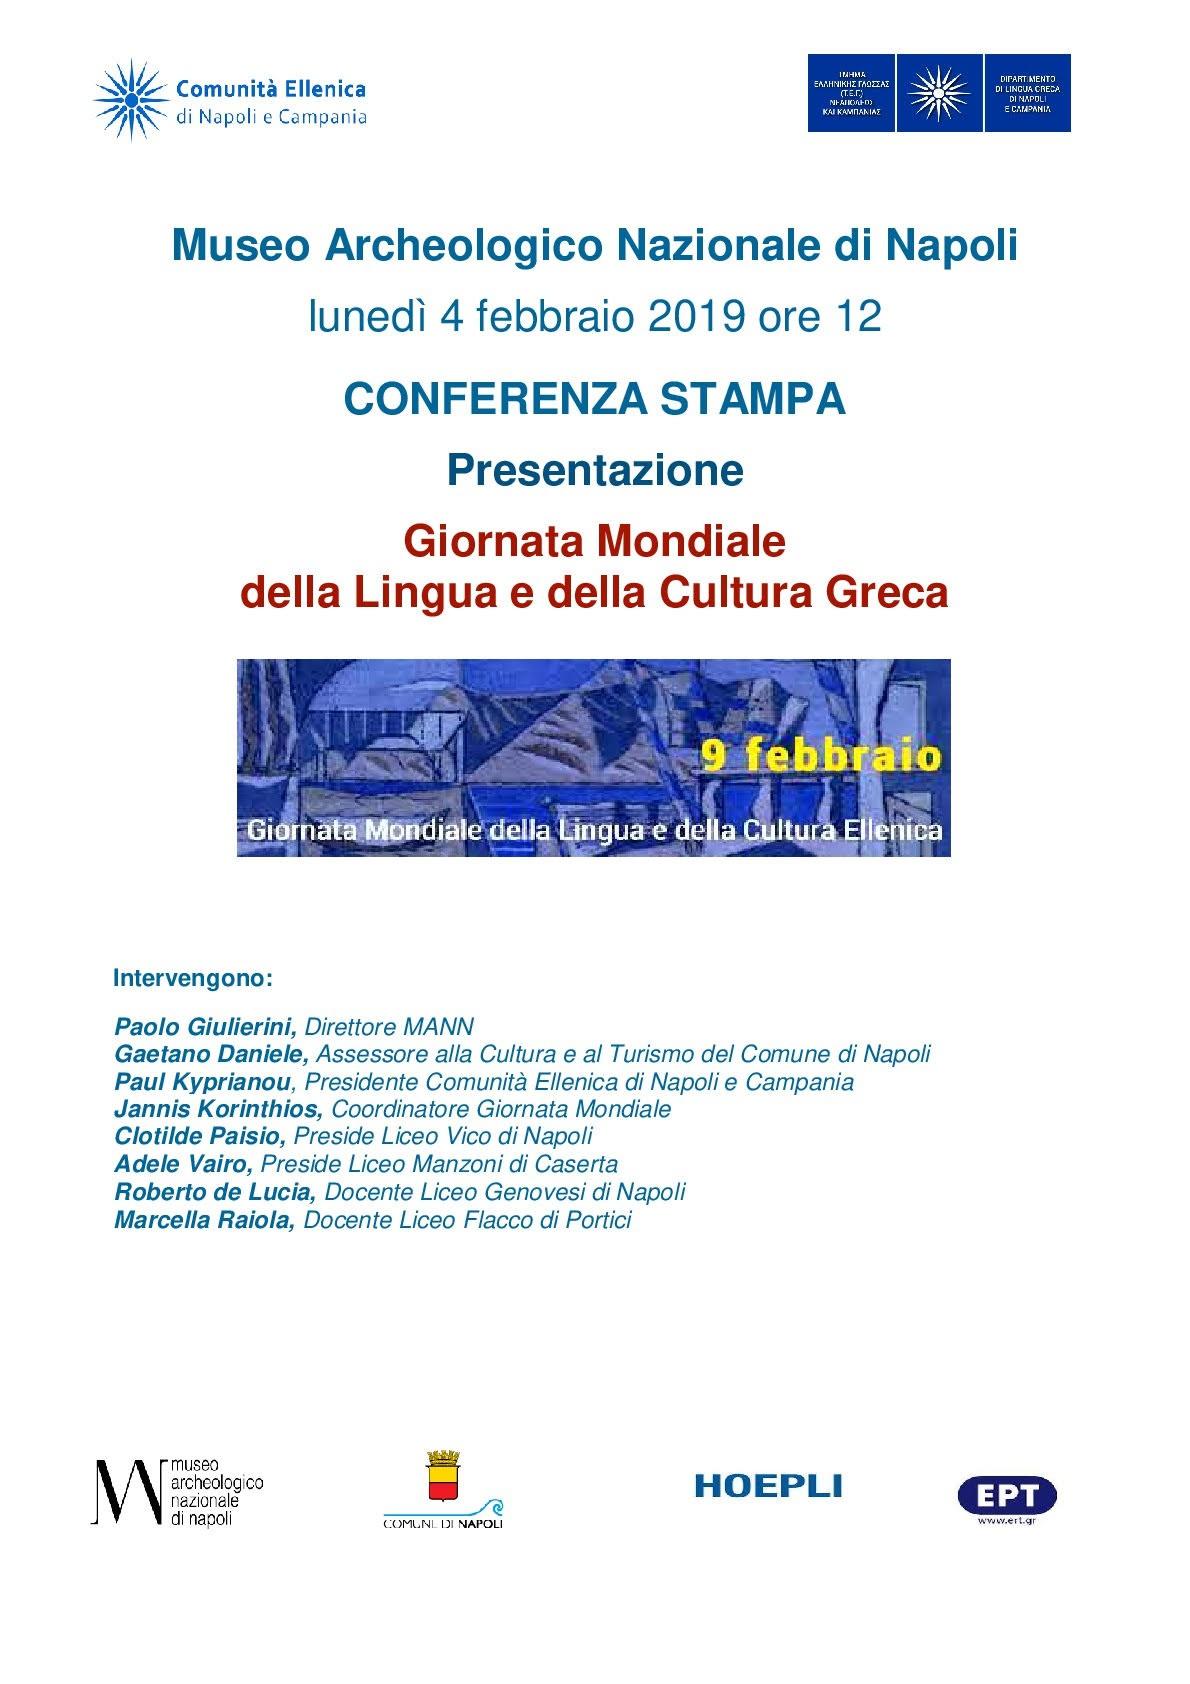 4 Febbraio ore 12:00 - Giornata Mondiale della Lingua e della Cultura Greca